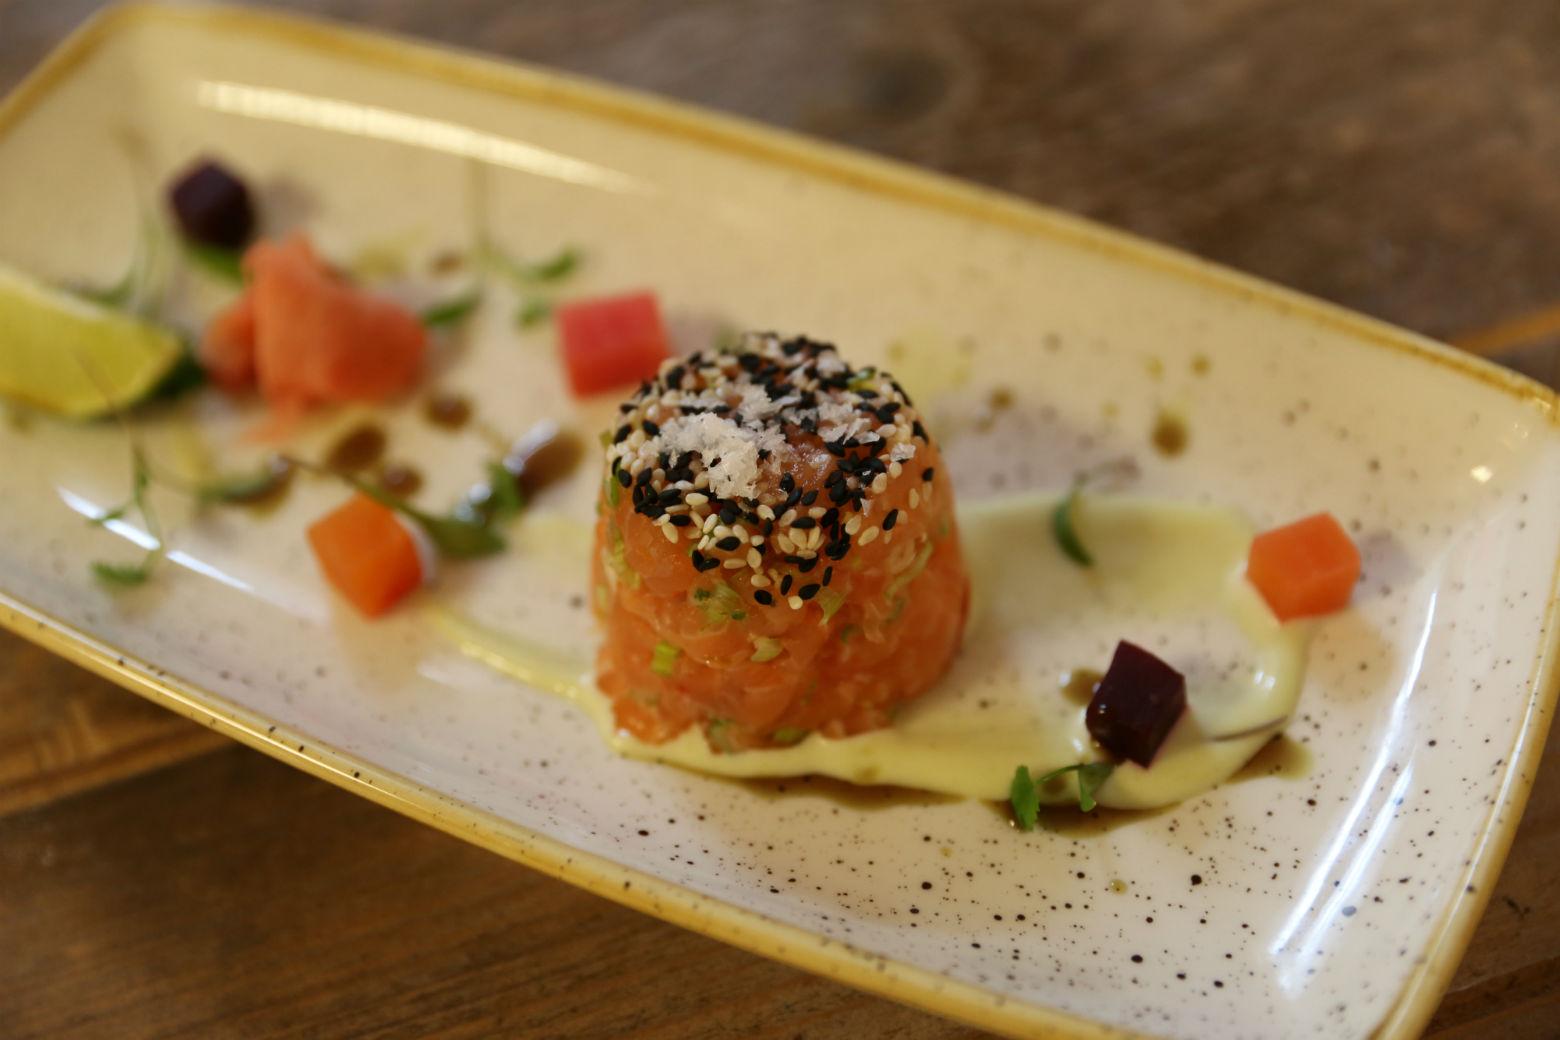 Creamy and rough-chopped: salmon tartare. Photo: Beth DeLeon